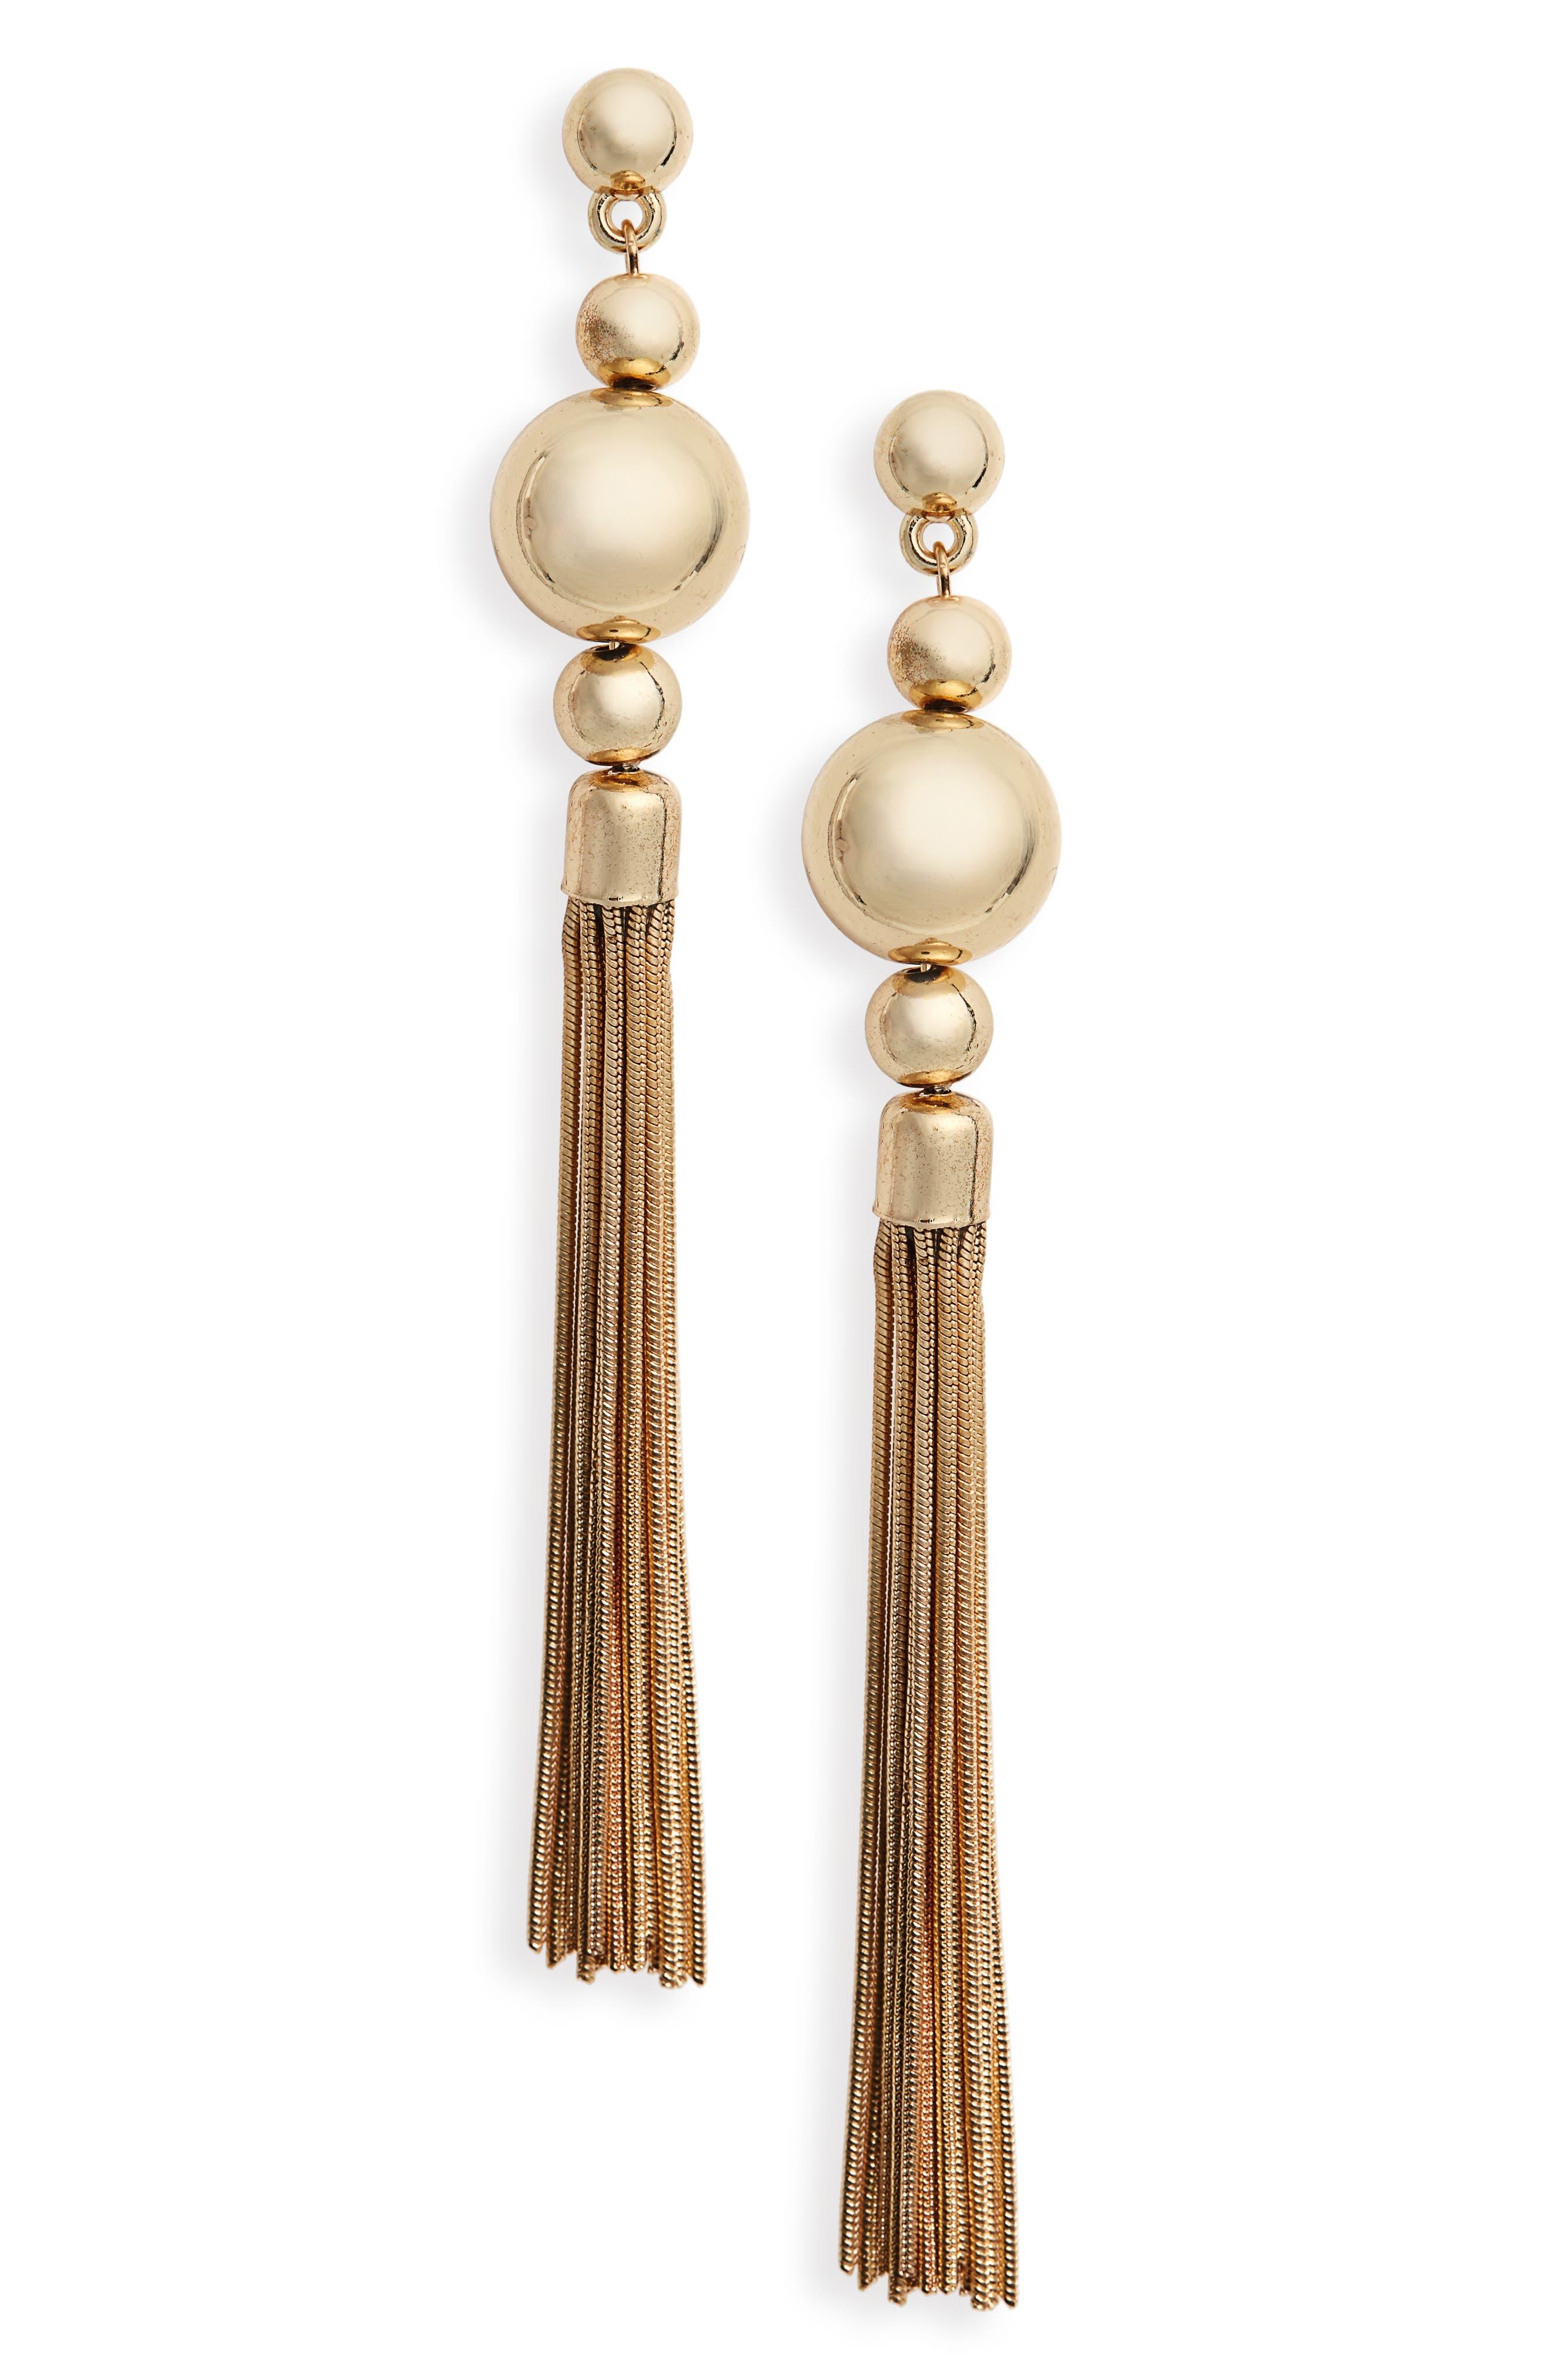 Alternate Image 1 Selected - BP. Ball Snake Chain Tassel Earrings